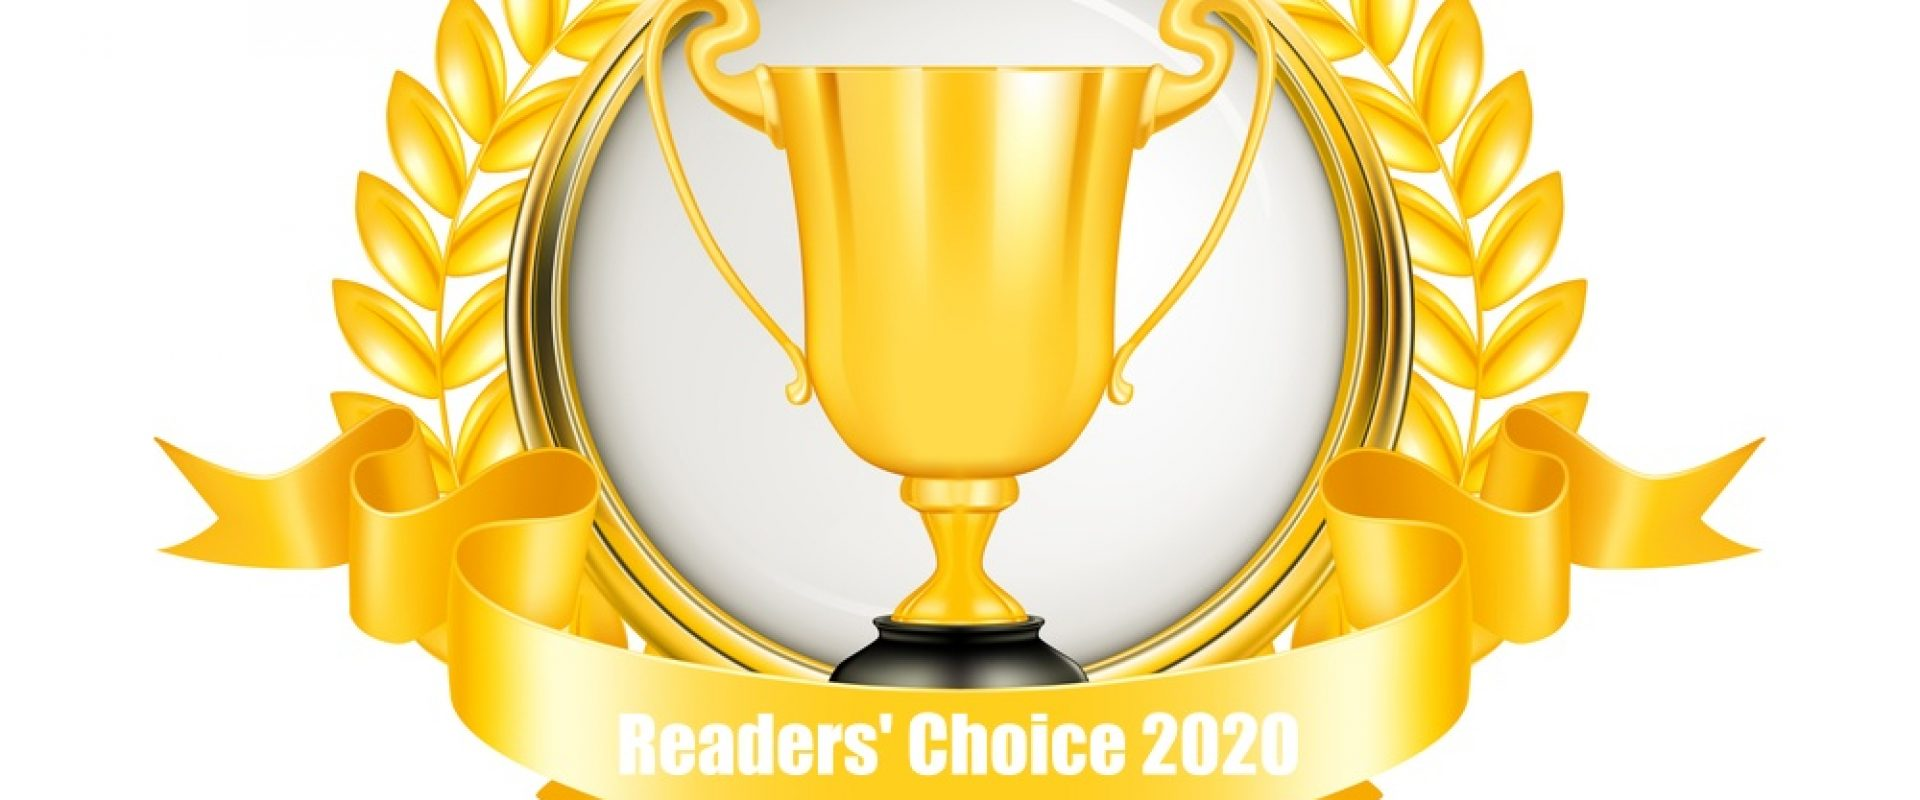 Winner golden emblem for Readers' Choice Award